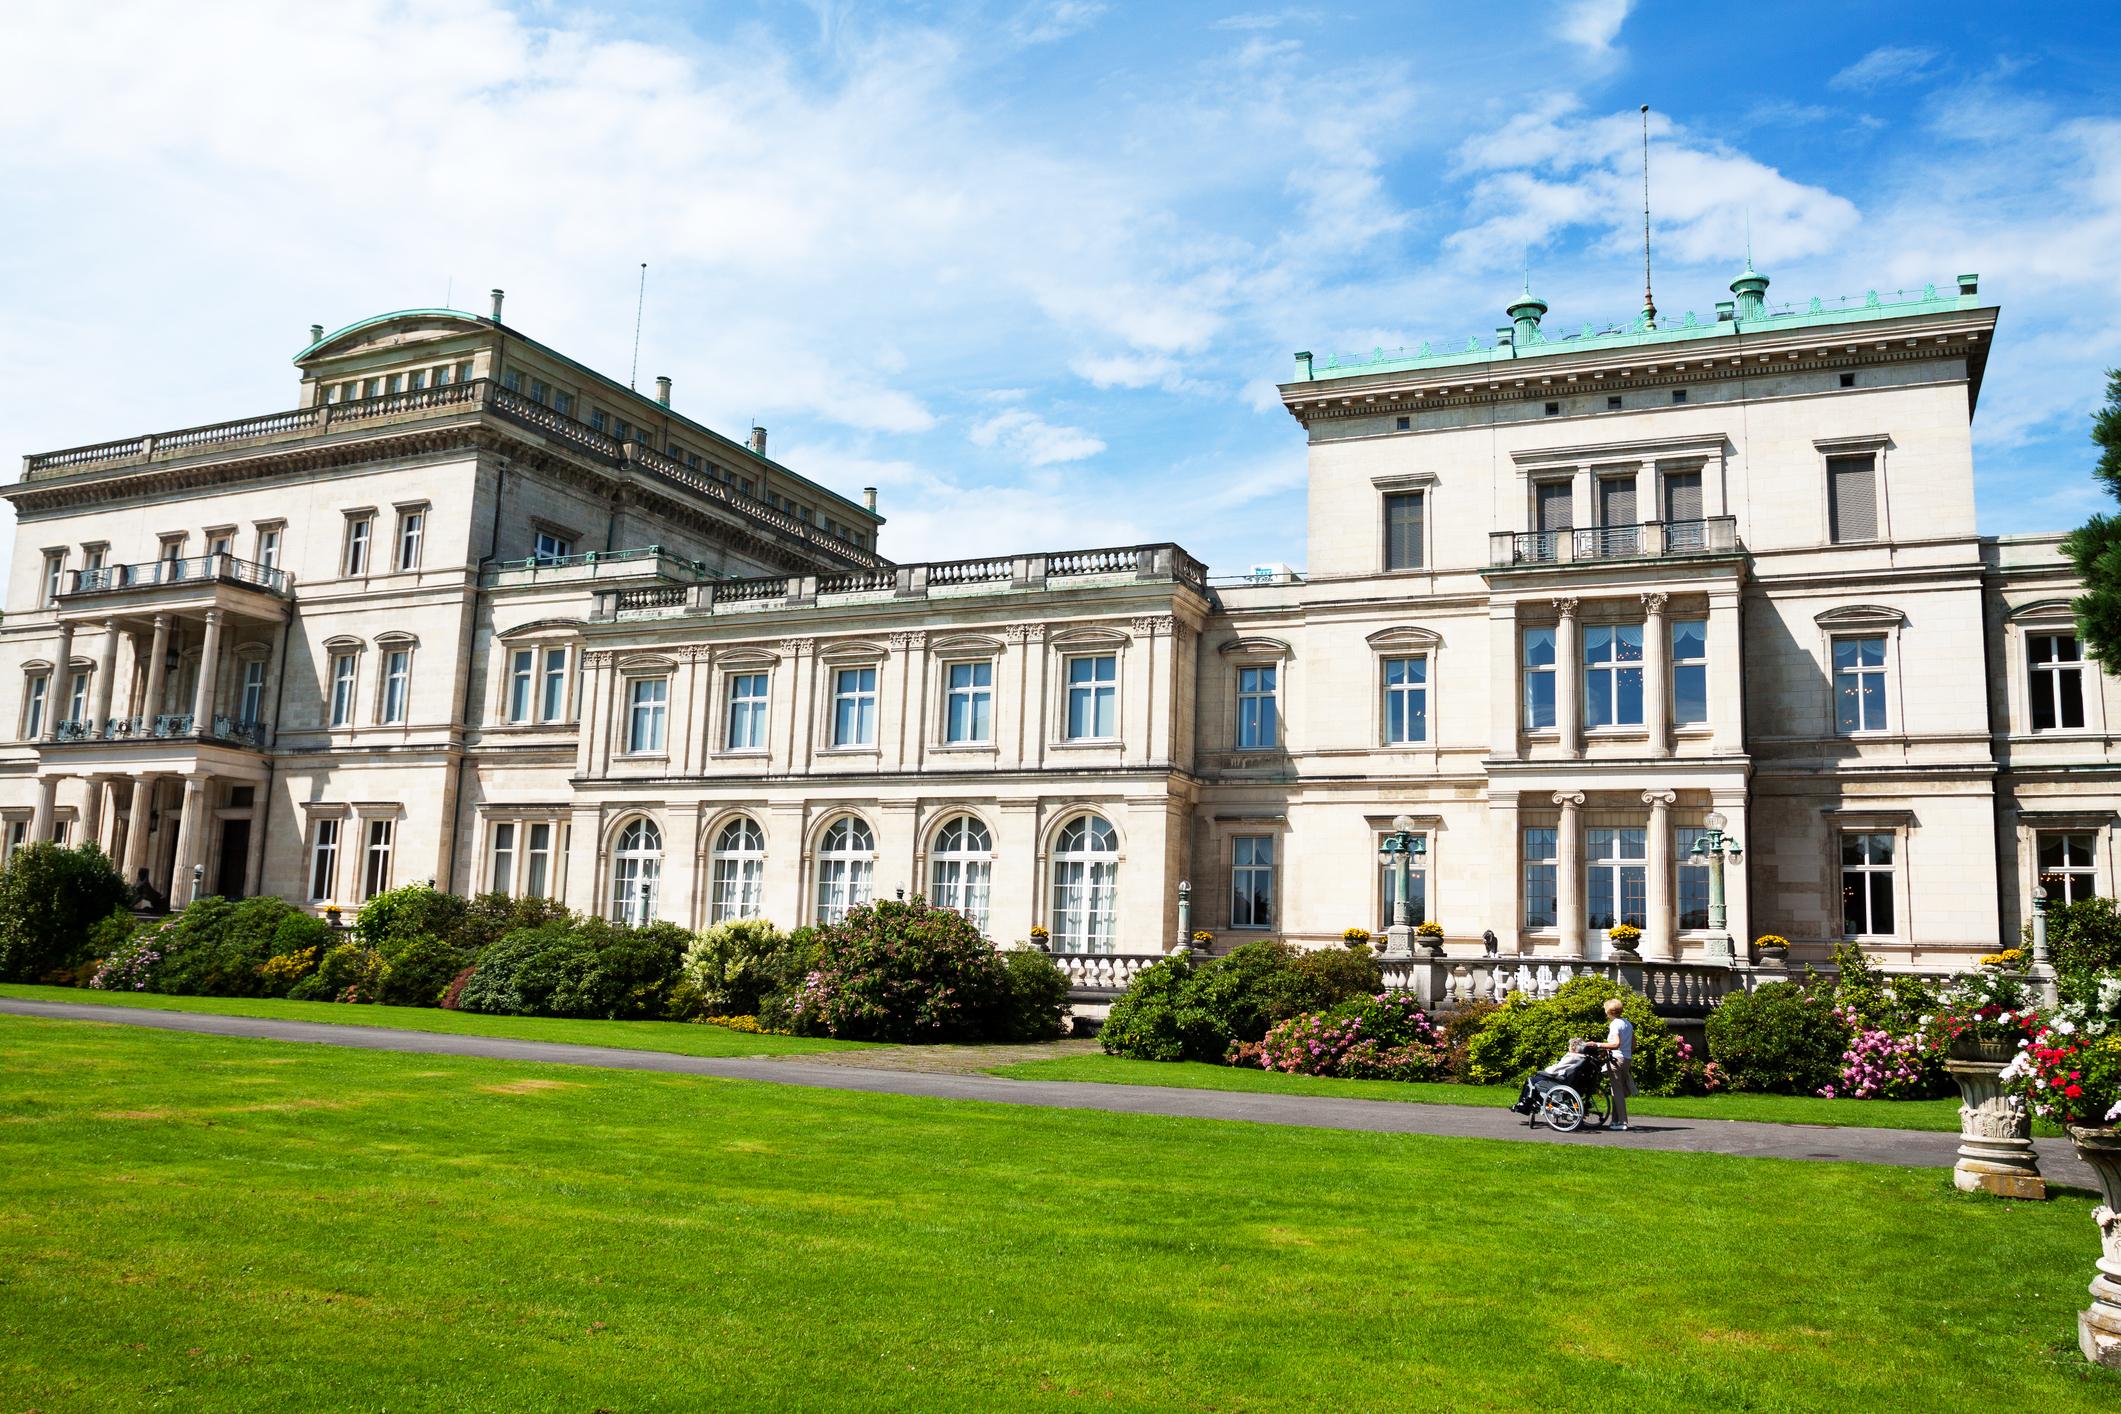 Manor house Villa H?gel in Essen